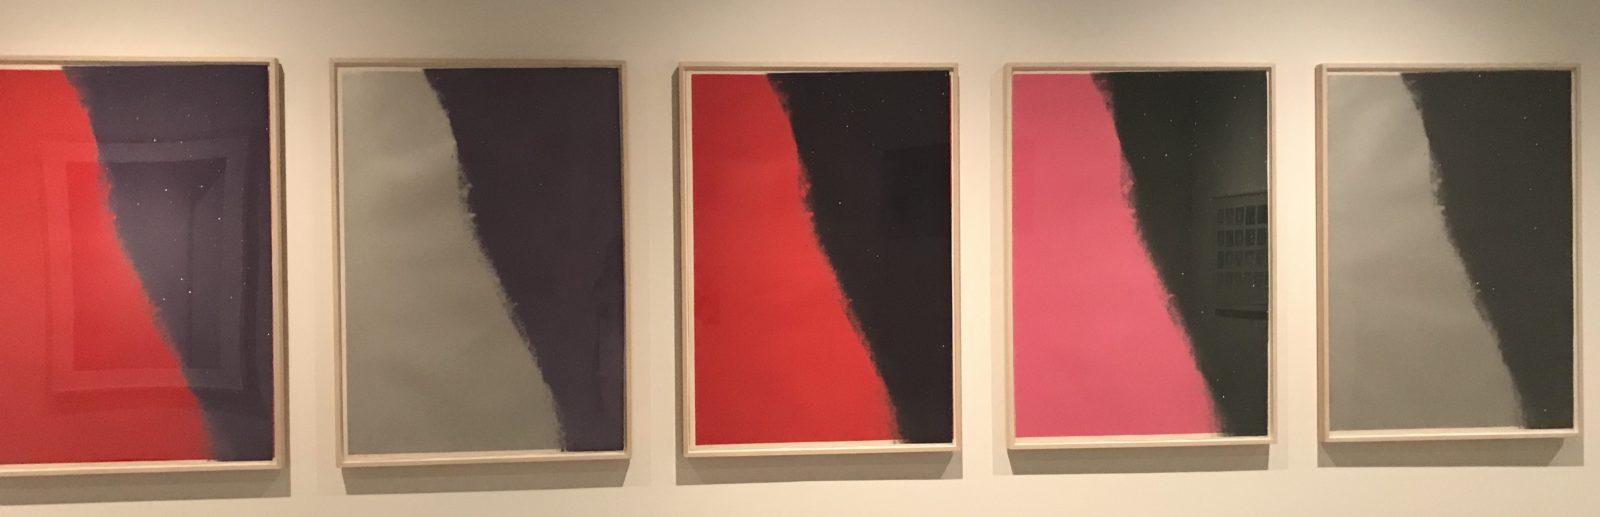 Andy Warhol Ombres II Shadows II, 1979